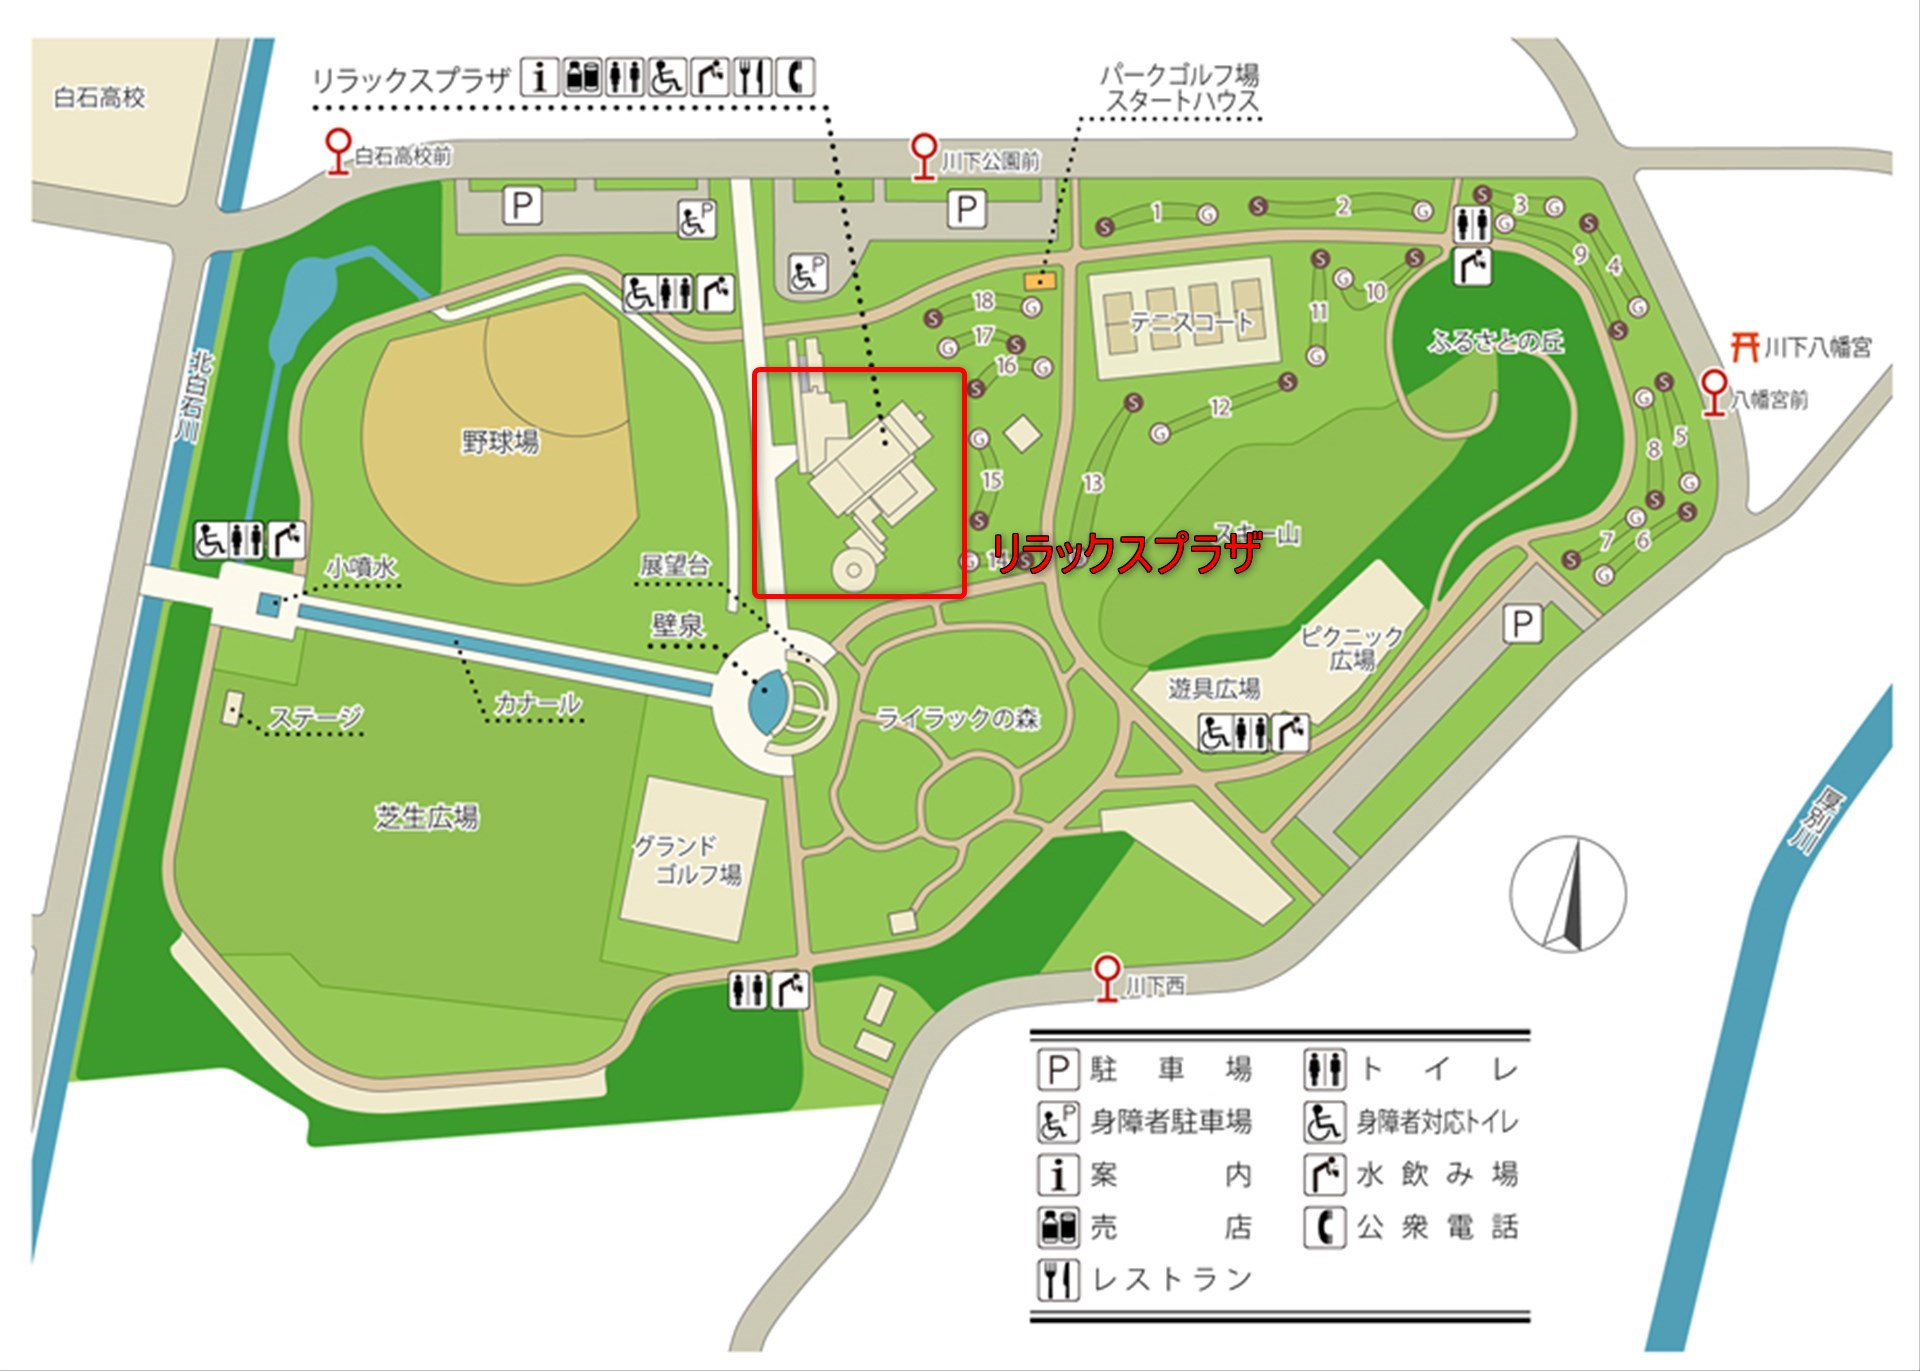 川下公園の地図。リラックスプラザの場所